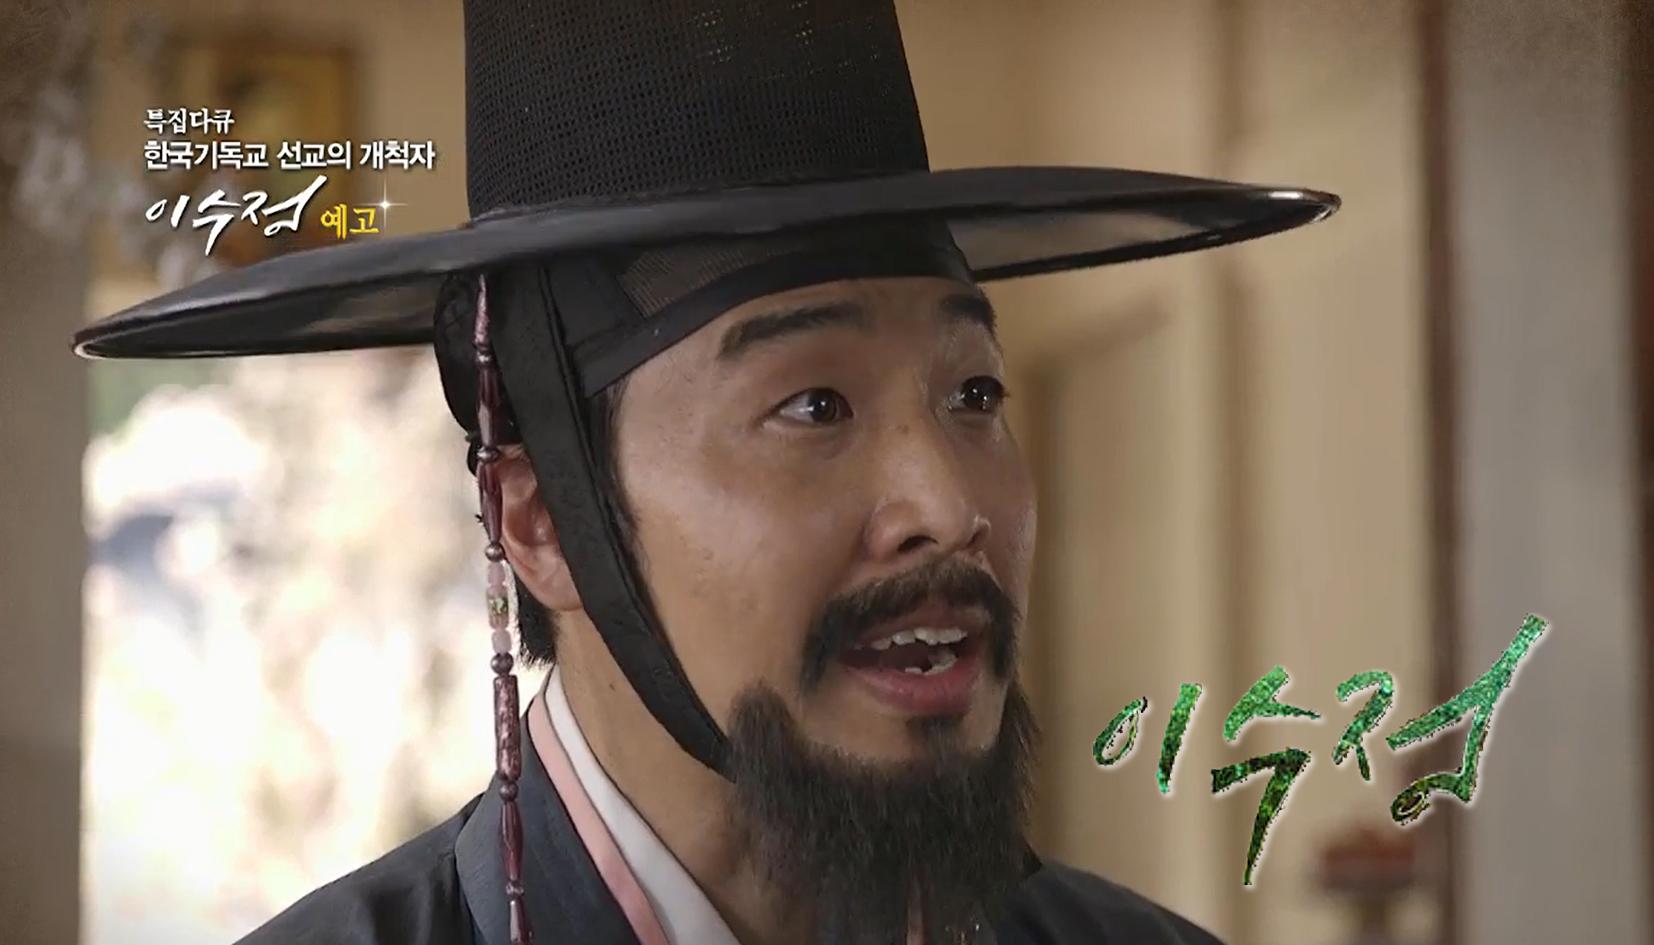 한국 기독교 선교의 개척자, 이수정